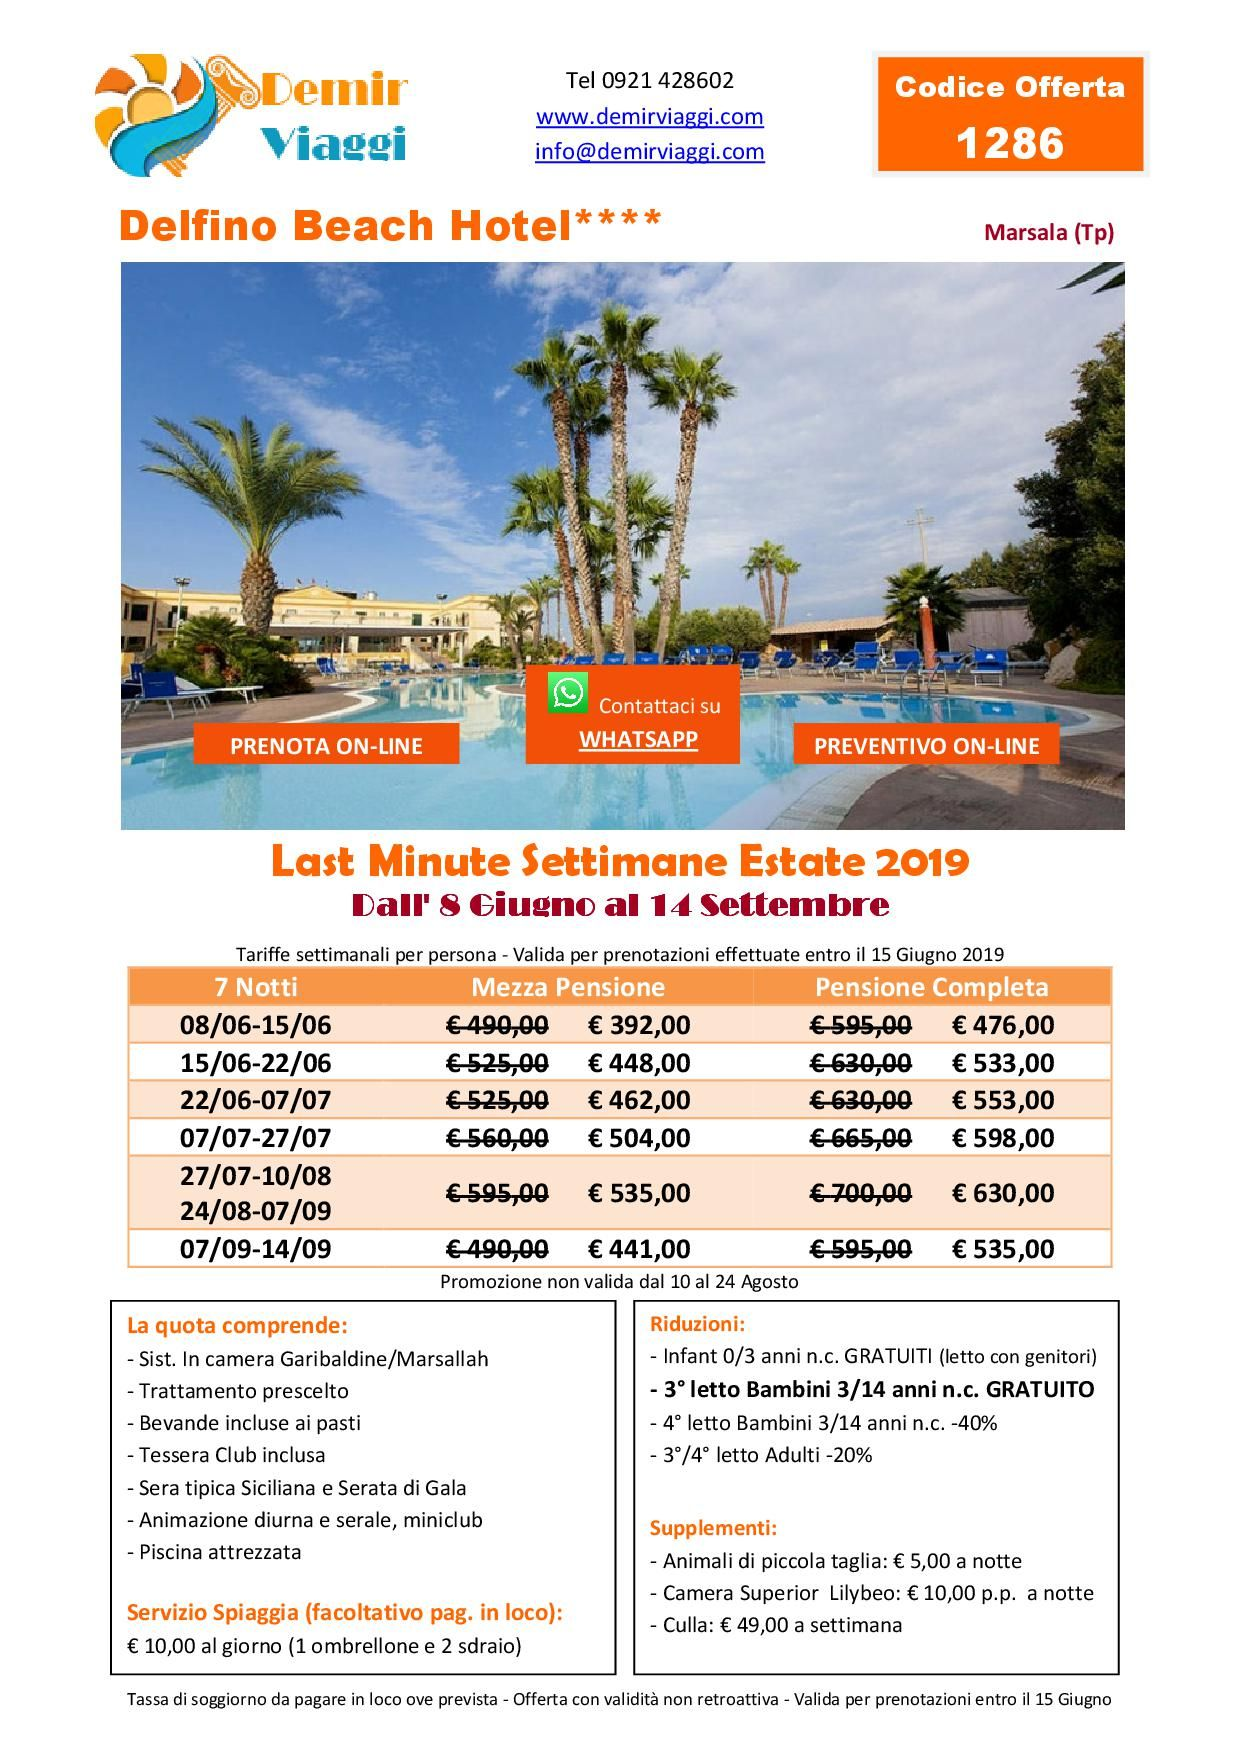 Delfino Beach Hotel**** - Marsala (Tp) Last Minute ...